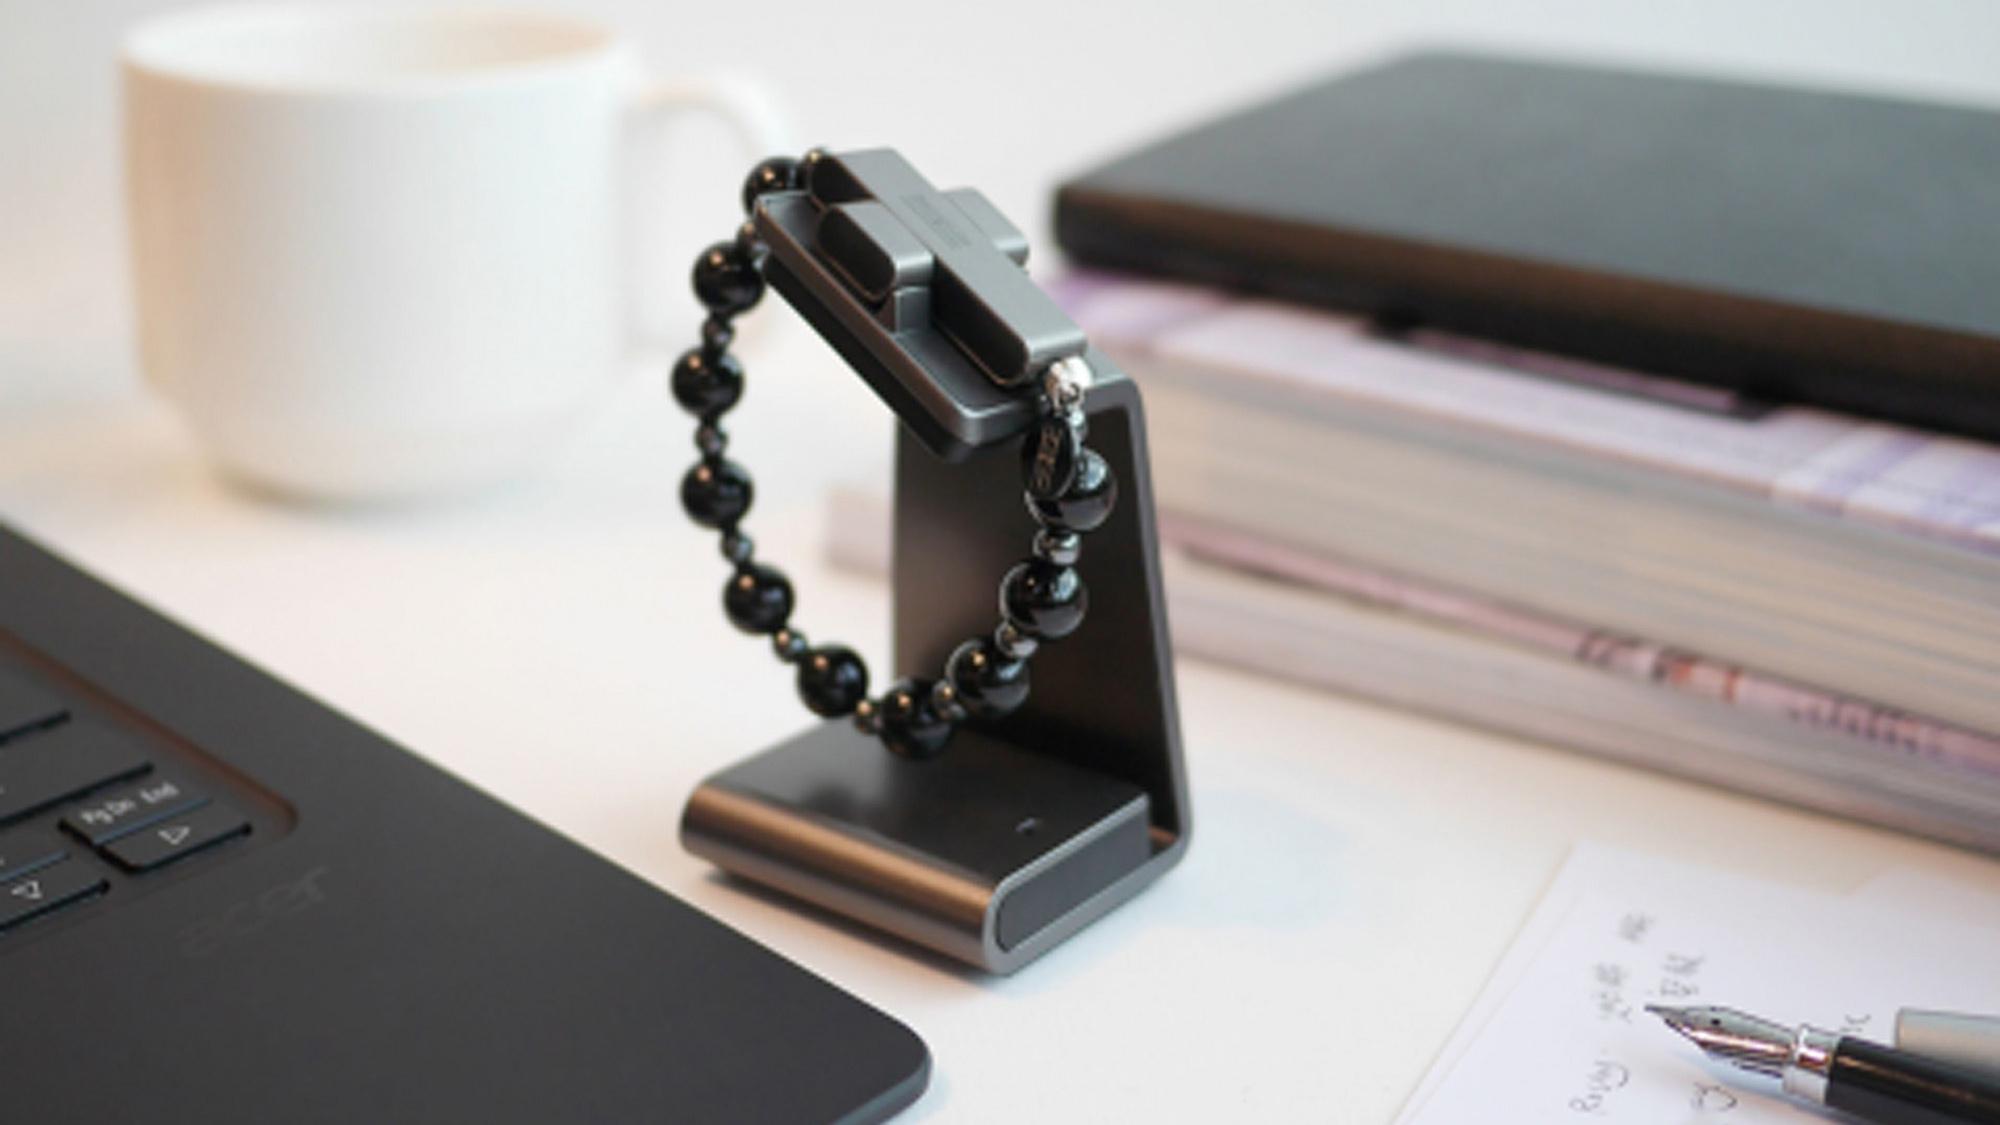 Technologia wsparciem dla modlitwy. W Watykanie pokazano cyfrowy różaniec